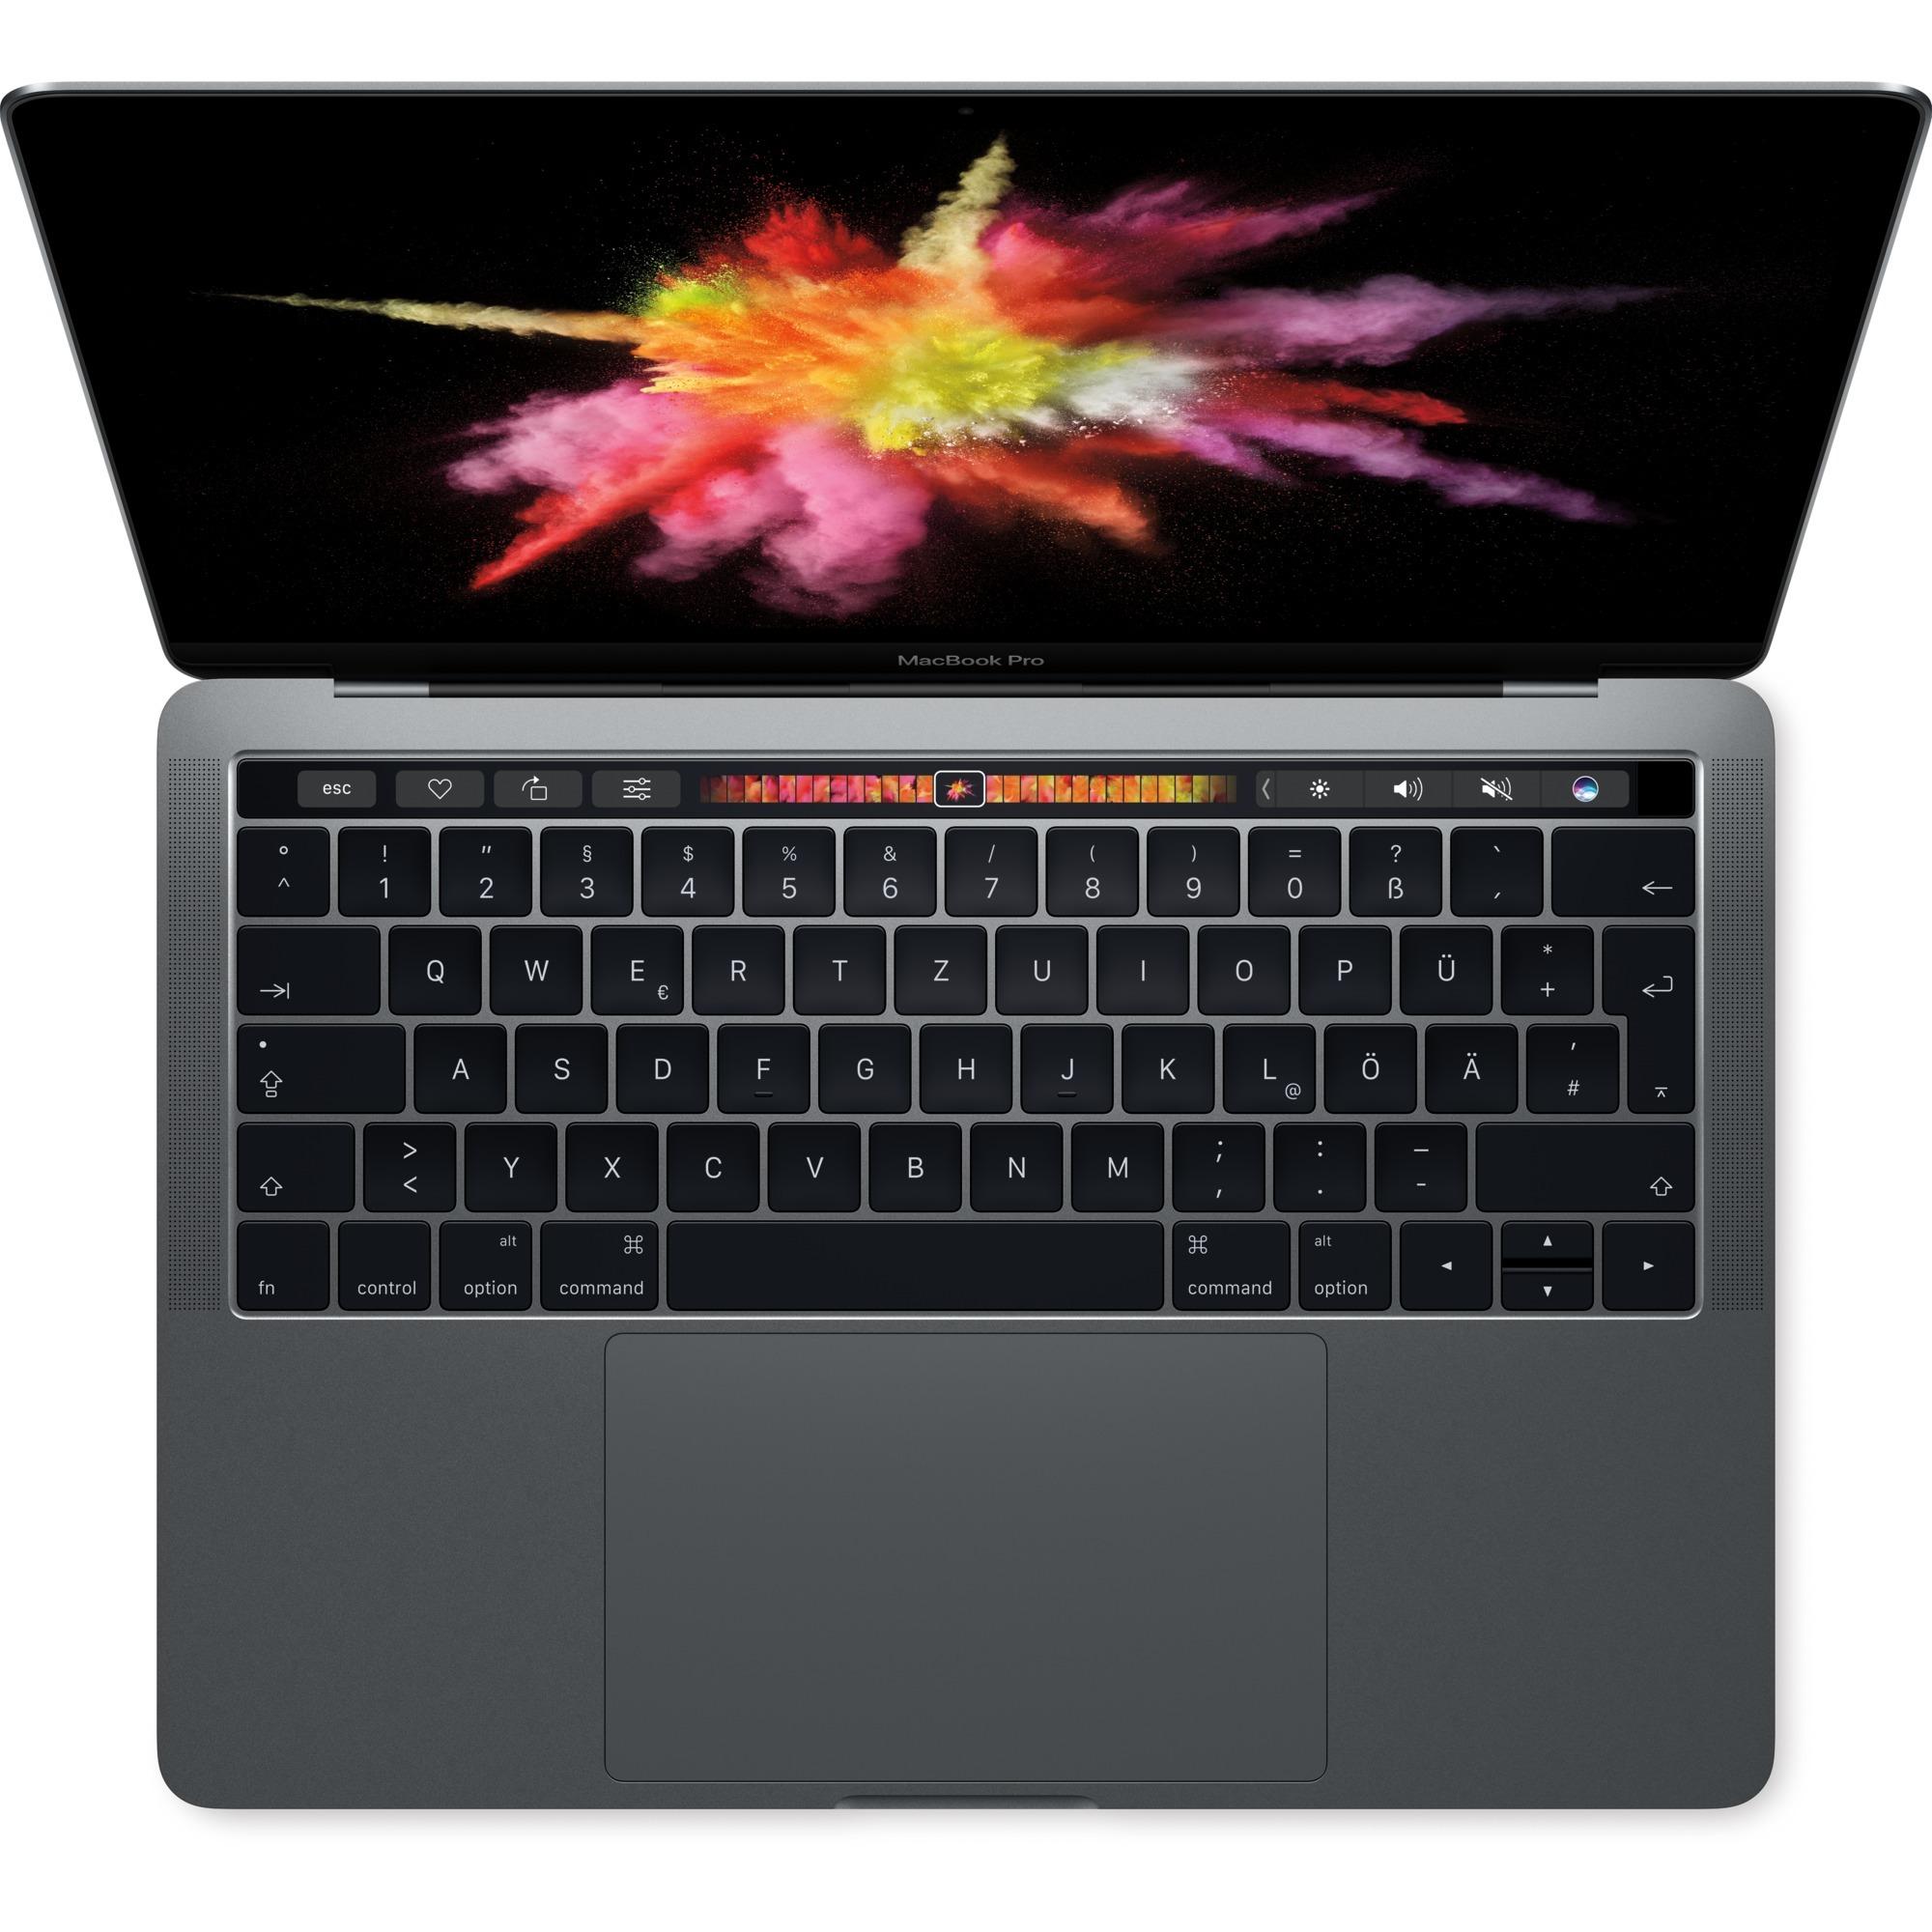 """MacBook Pro Gris Portátil 33,8 cm (13.3"""") 2560 x 1600 Pixeles 2,3 GHz 8ª generación de procesadores Intel Core i5"""